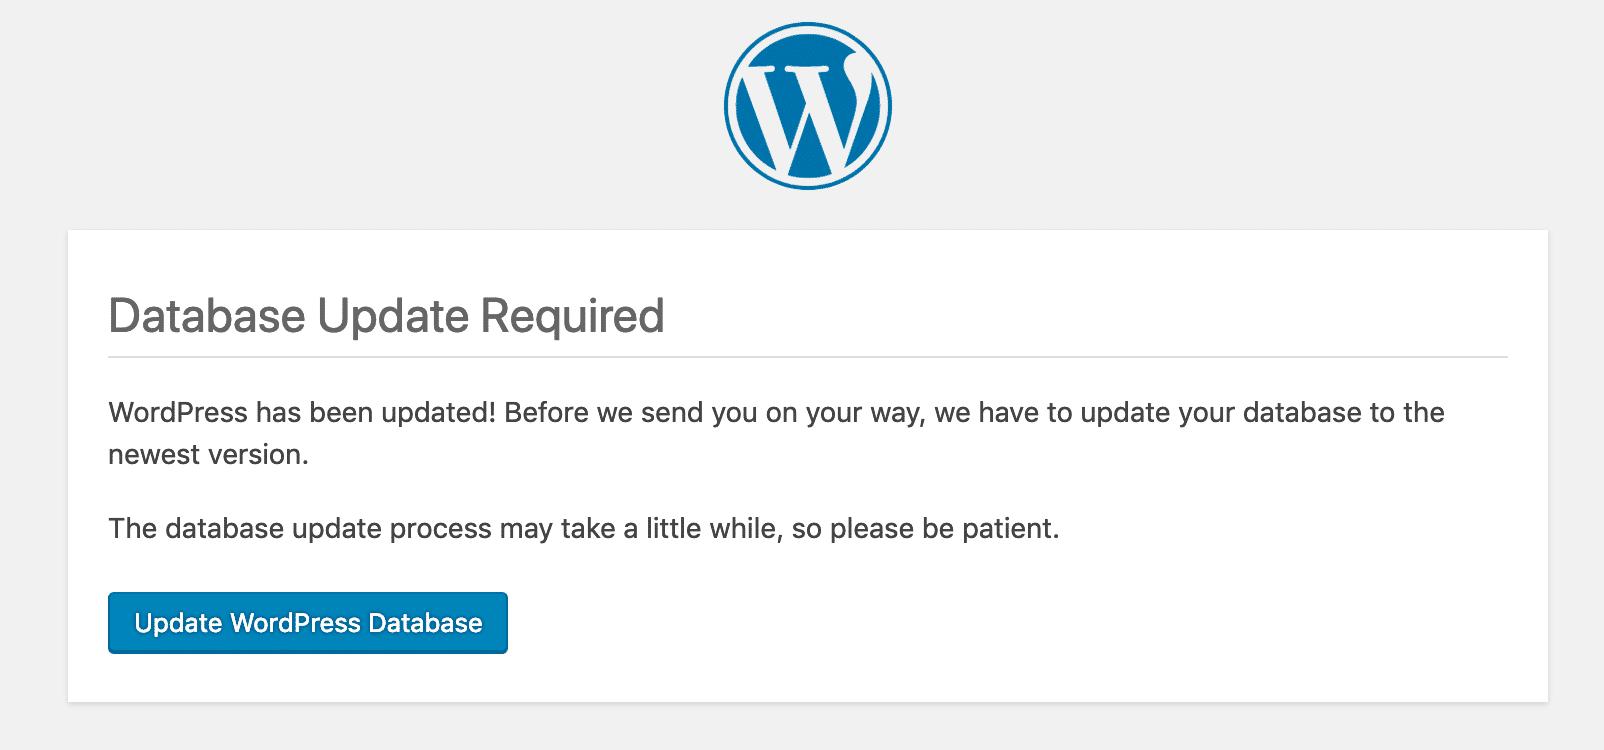 Se requiere una actualización de la base de datos